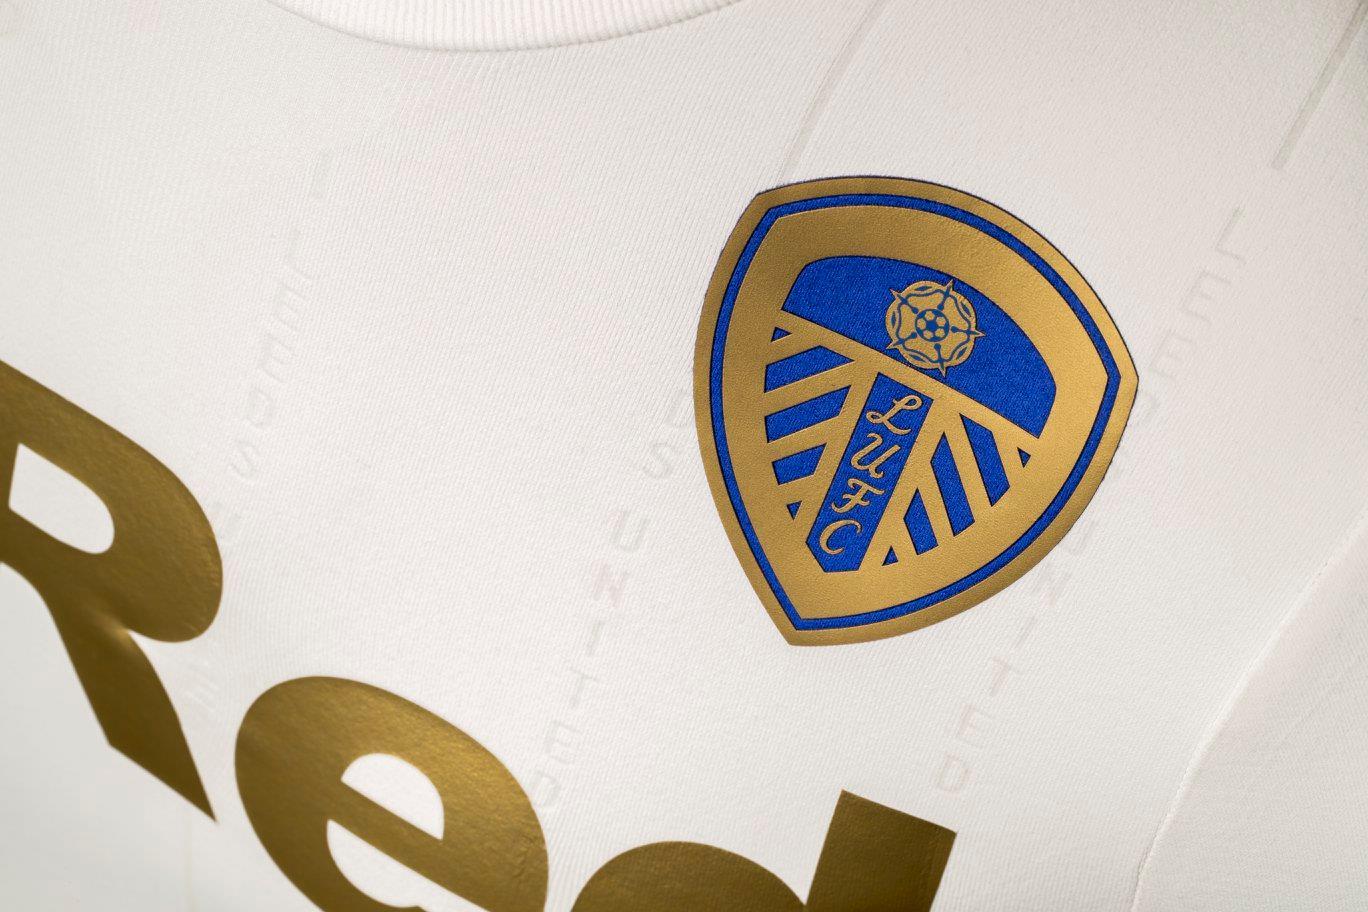 Leeds United: Leeds United 2017-18 Kappa Home Kit